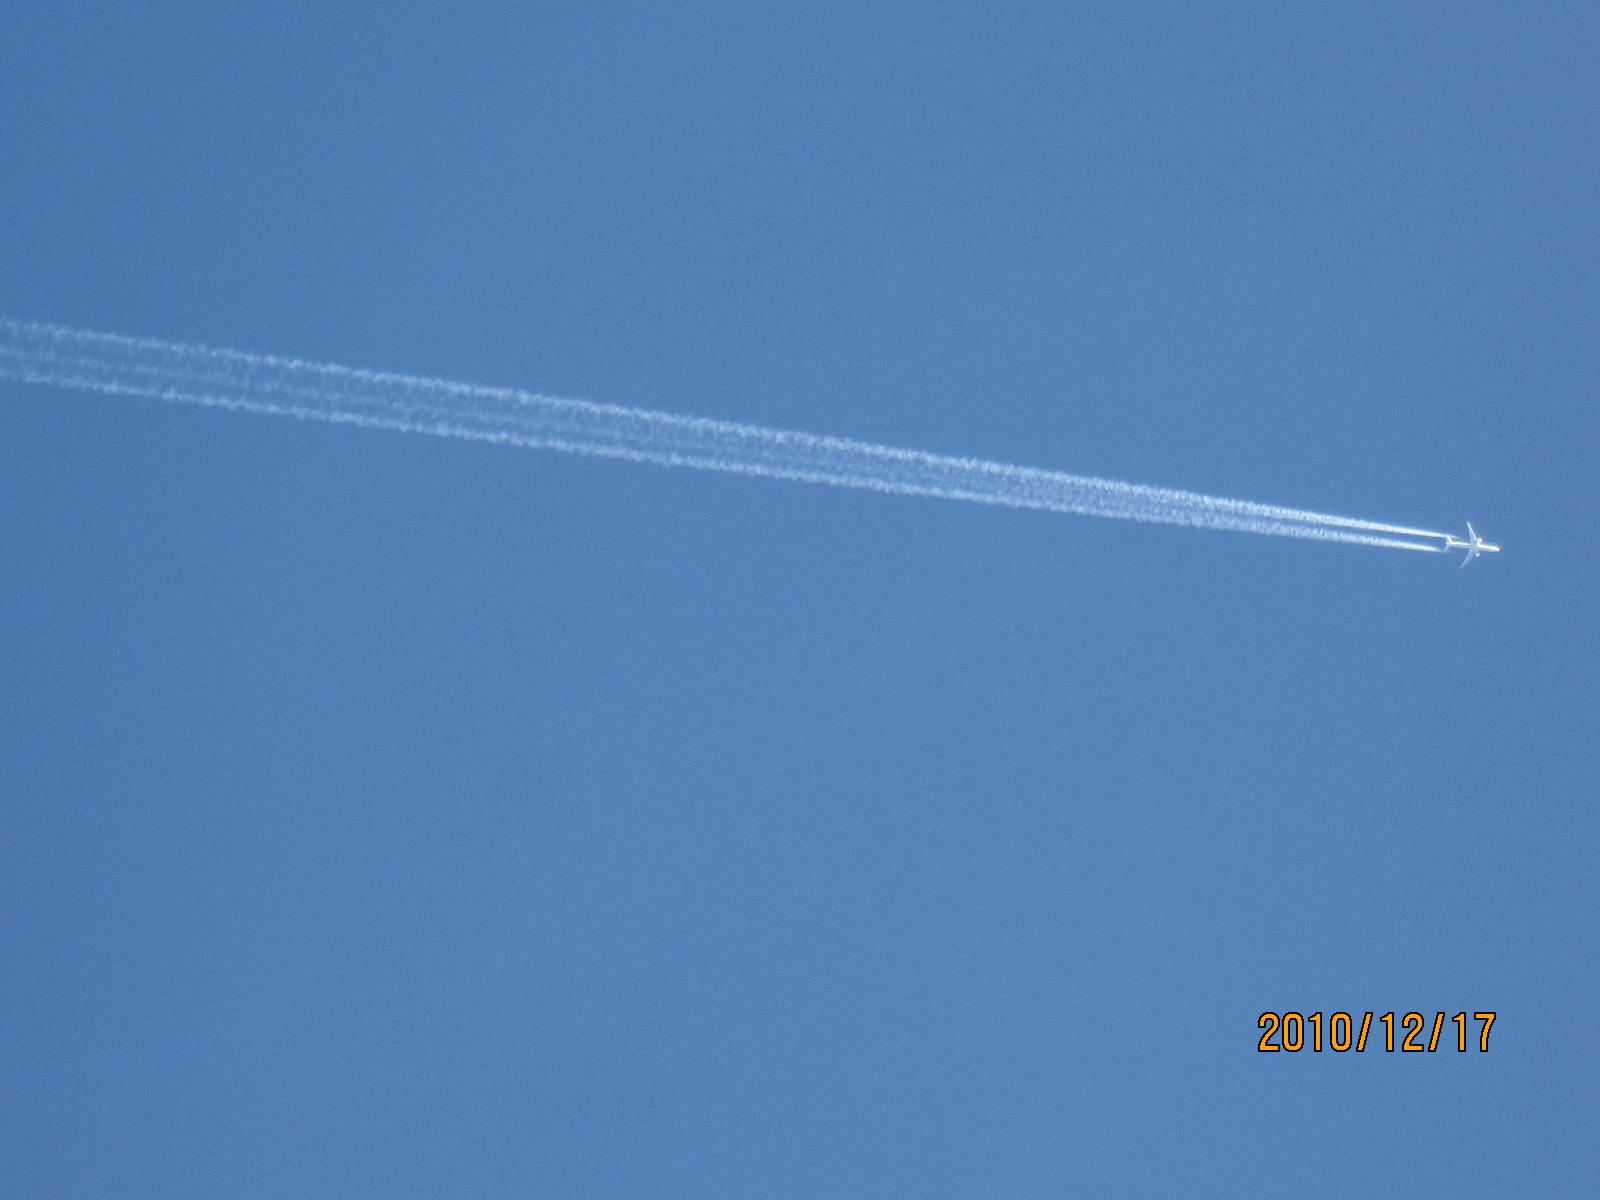 飛行機雲_f0231042_21594458.jpg